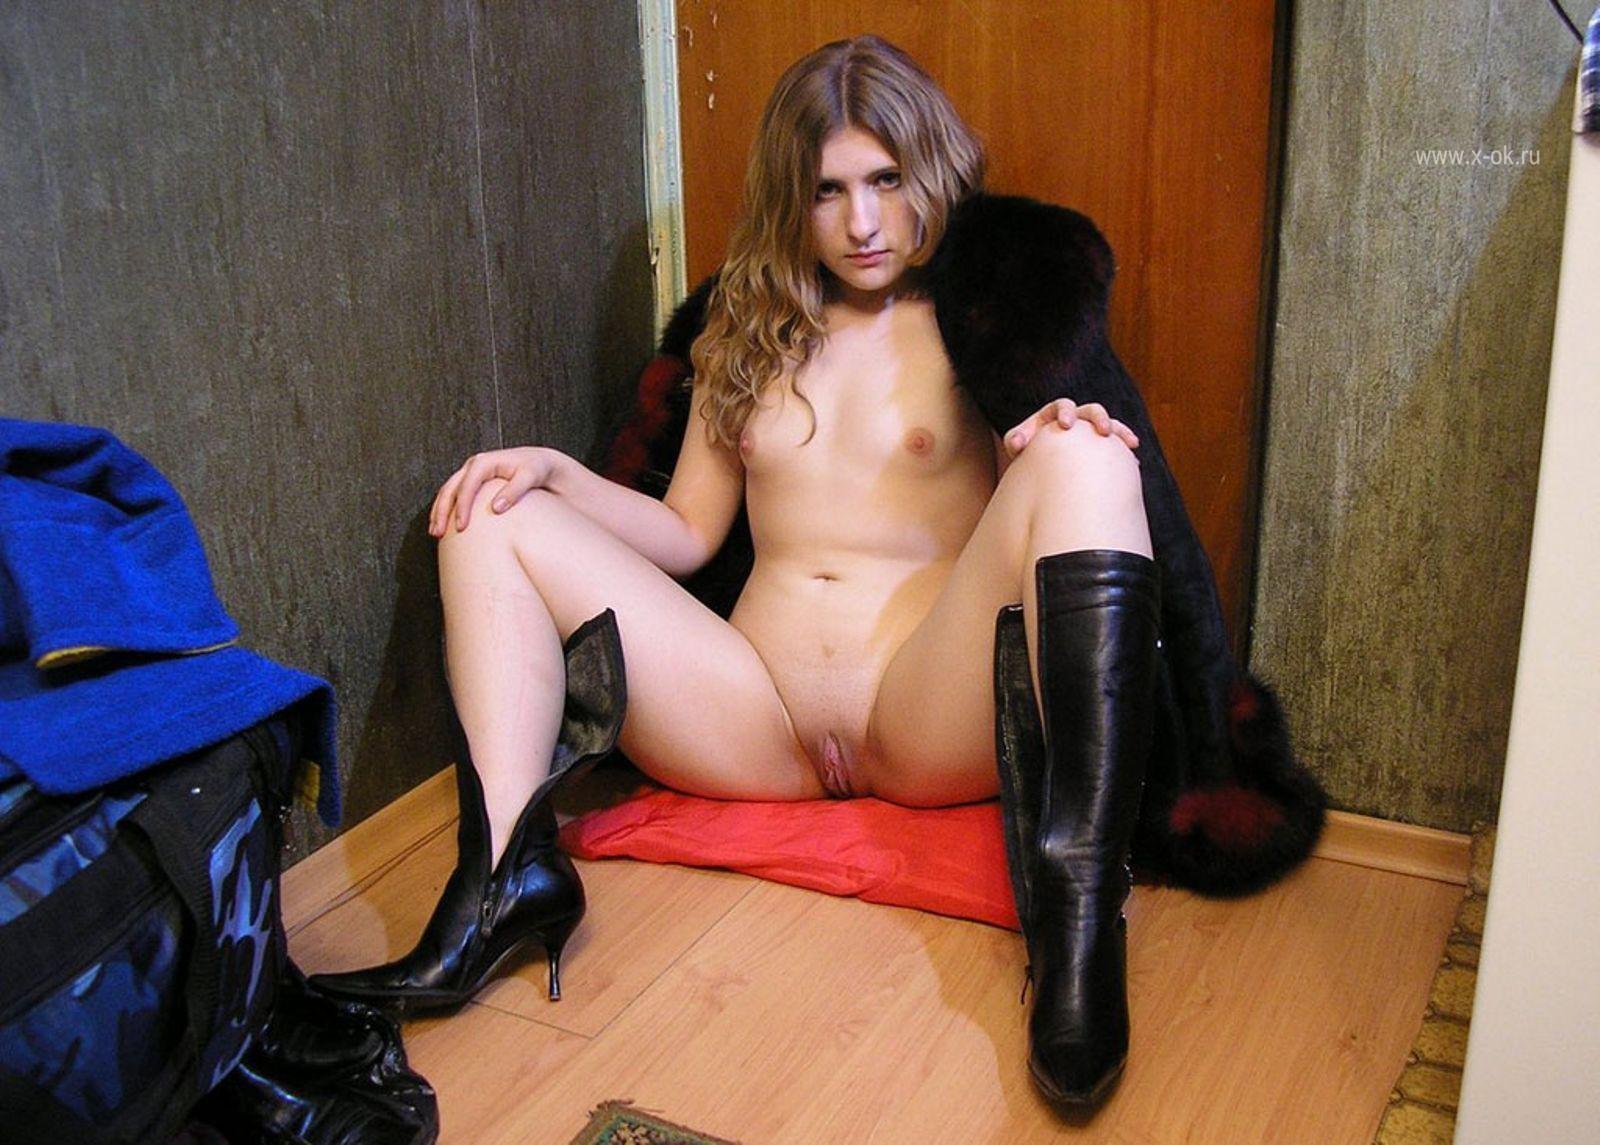 Русские молодые пьяные голые онлайн — pic 3